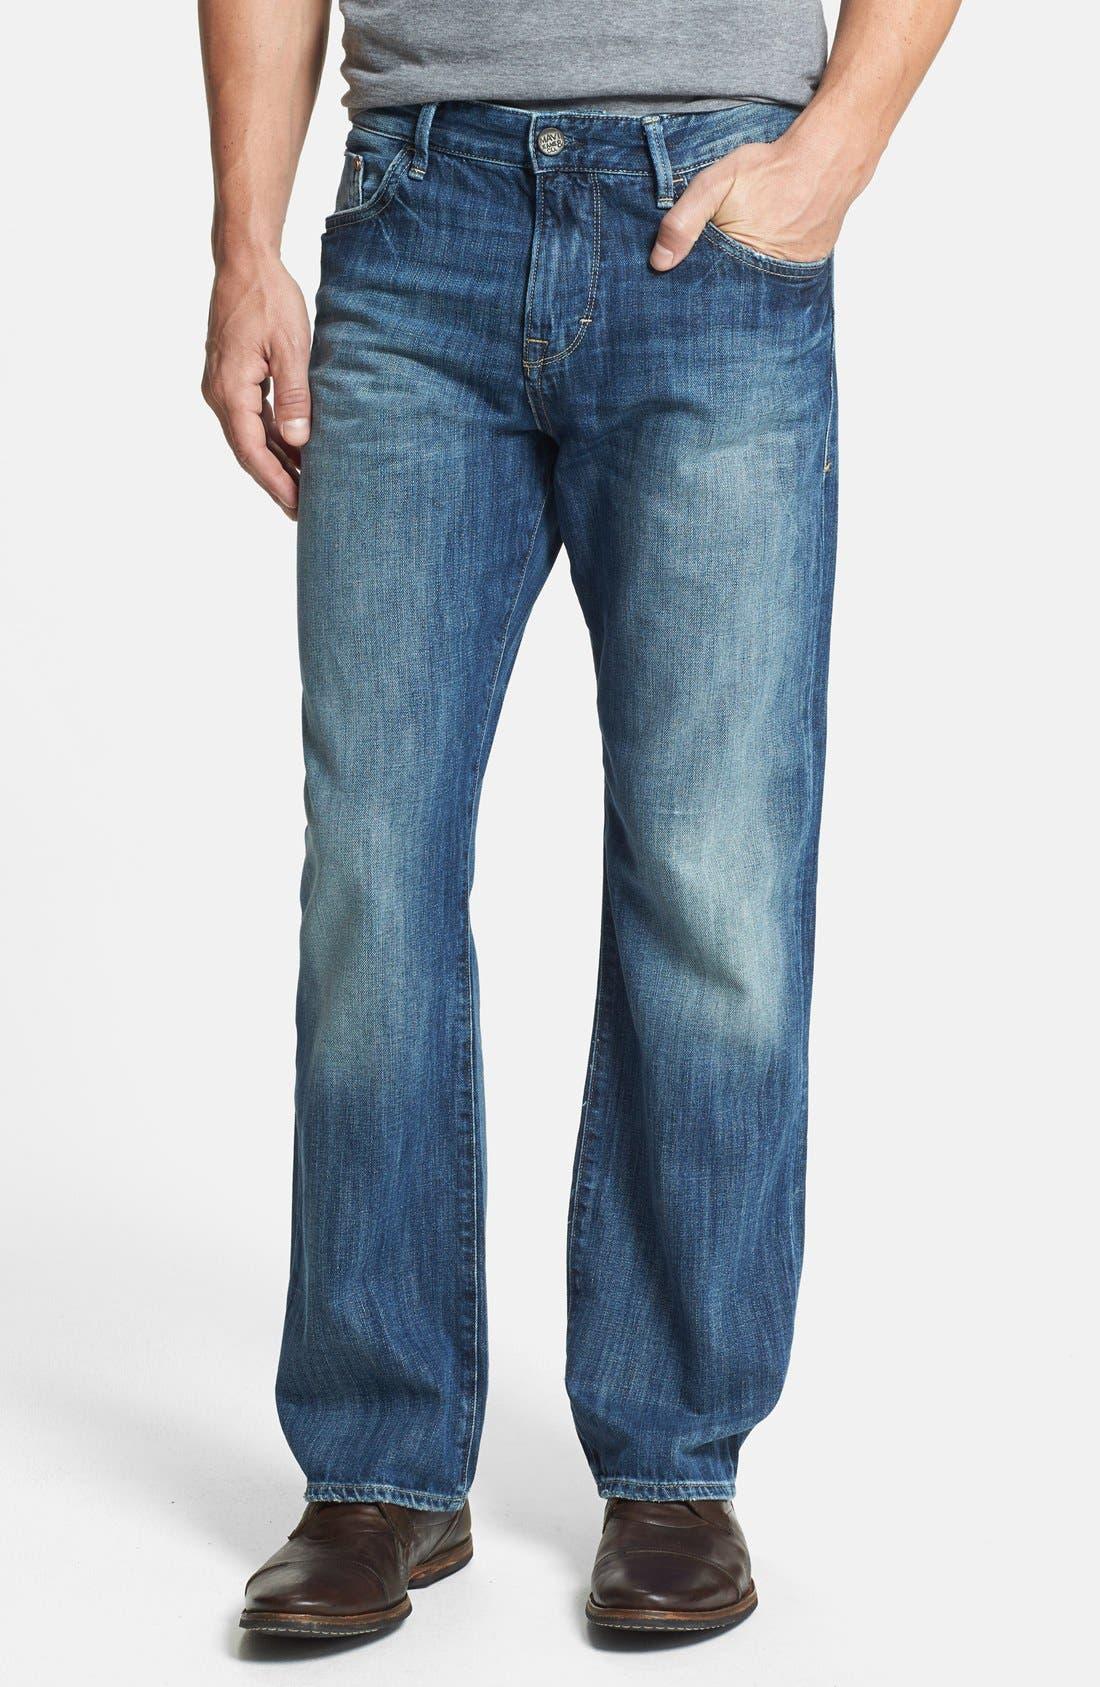 Main Image - Mavi Jeans 'Matt' Relaxed Straight Leg Jeans (Indigo Blue) (Online Only)